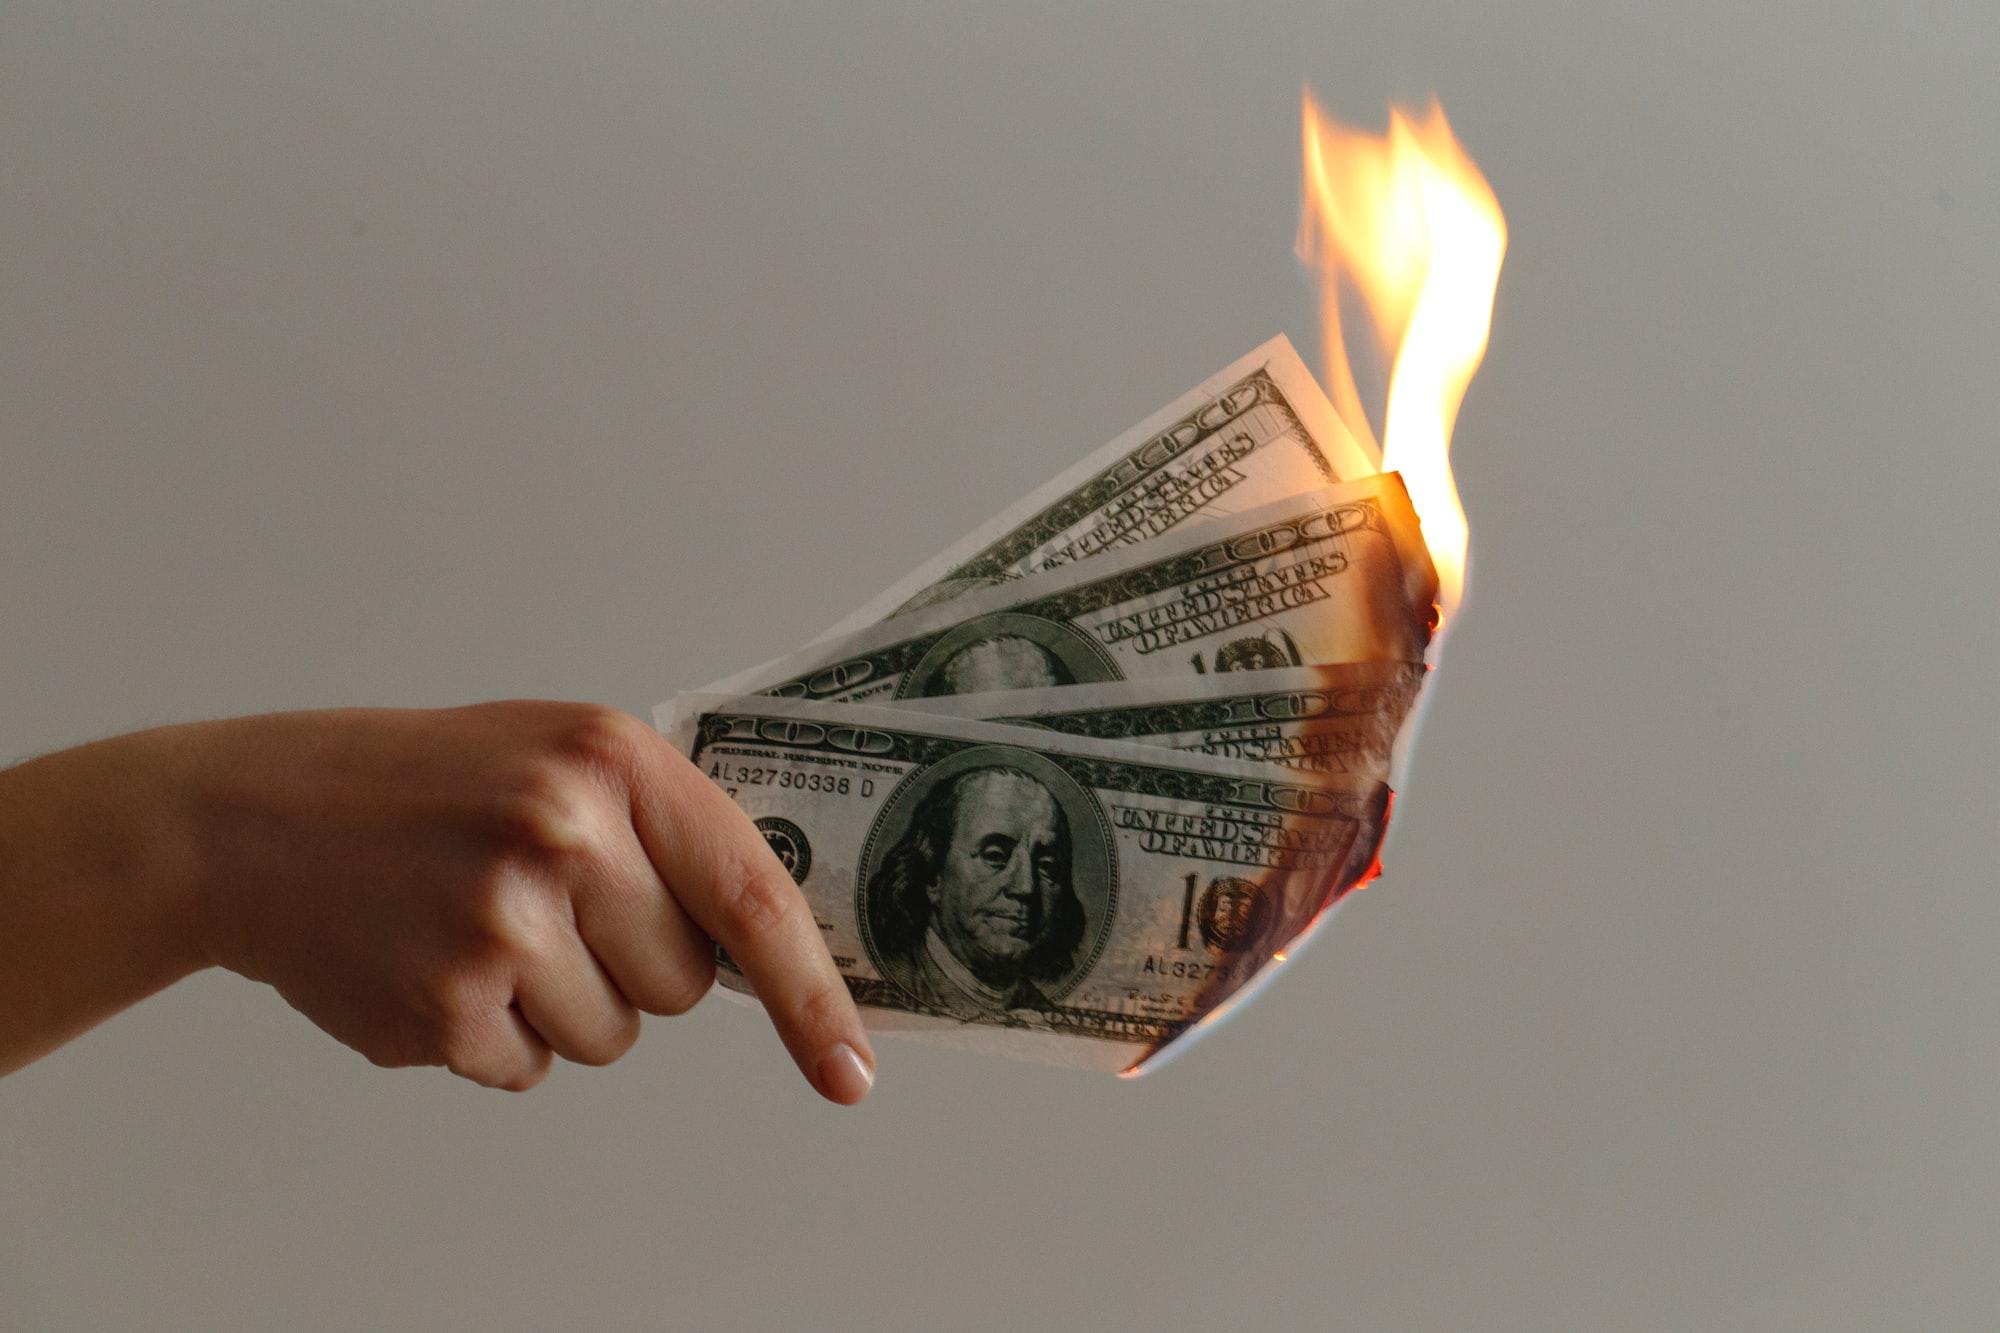 ความเสี่ยงในการถือครอง USD คือเบื้องหลังการผลักดัน Bitcoin และ Tech Stock